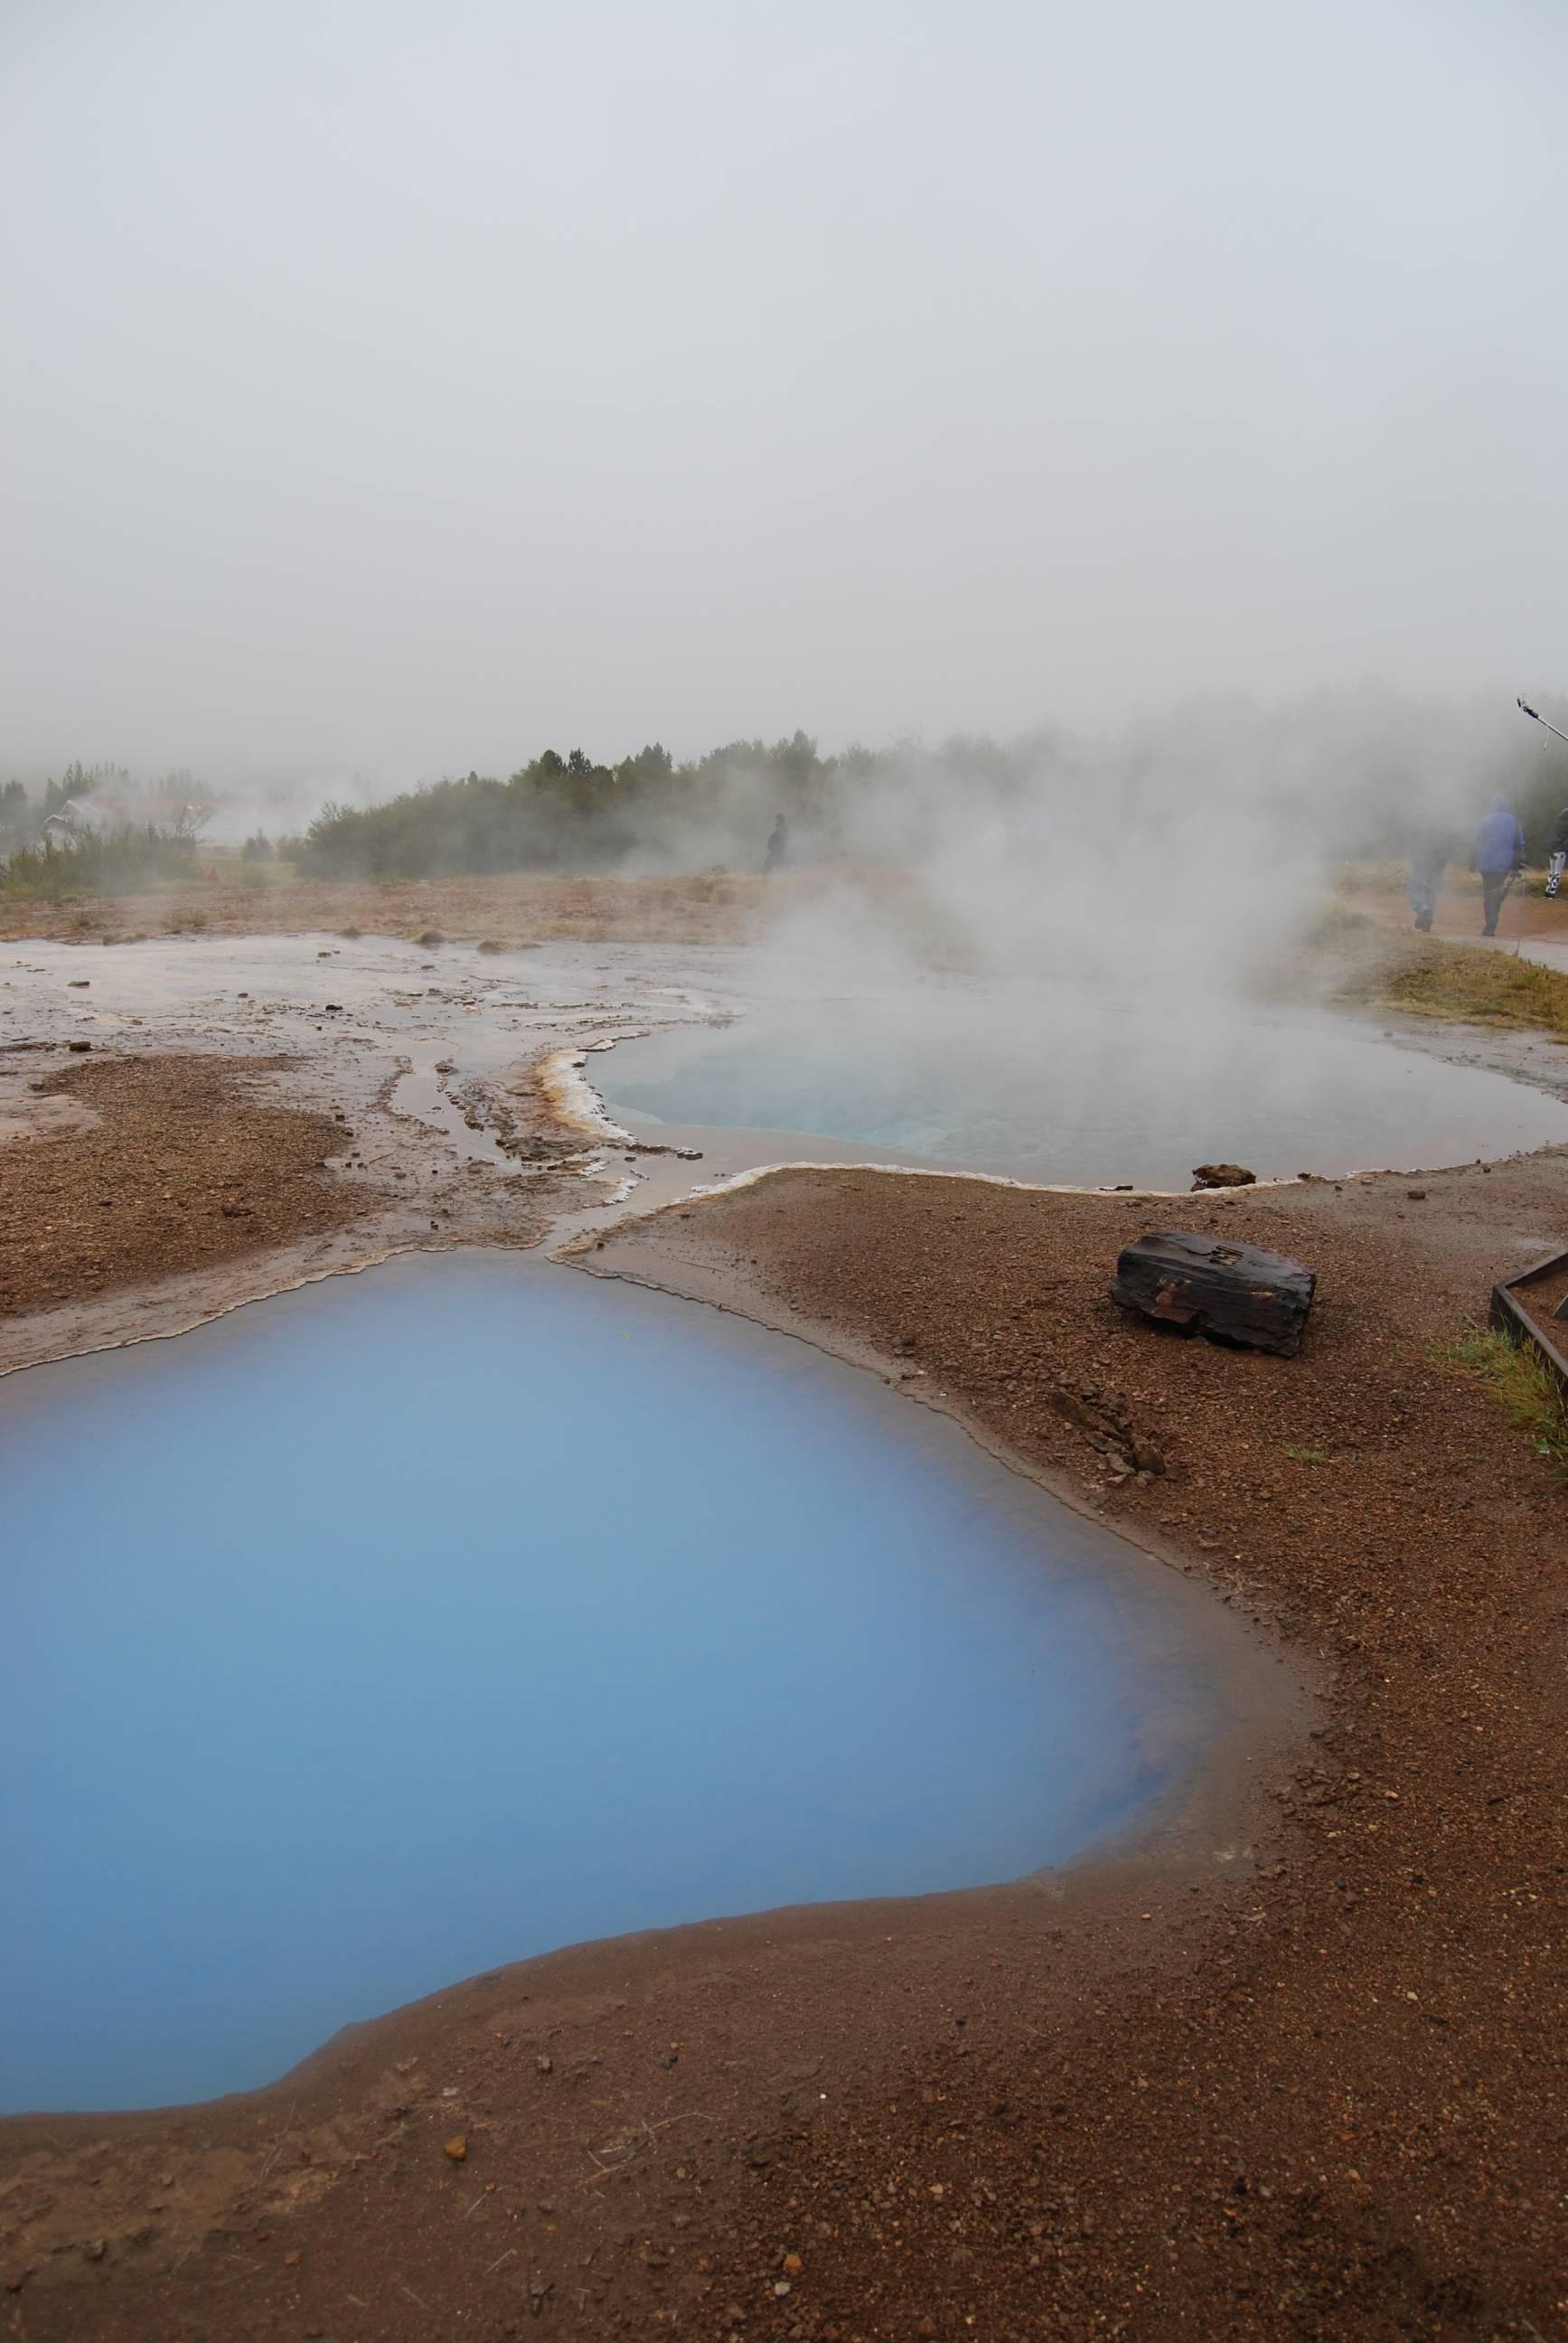 Photo 2: Geysir et ses geysers